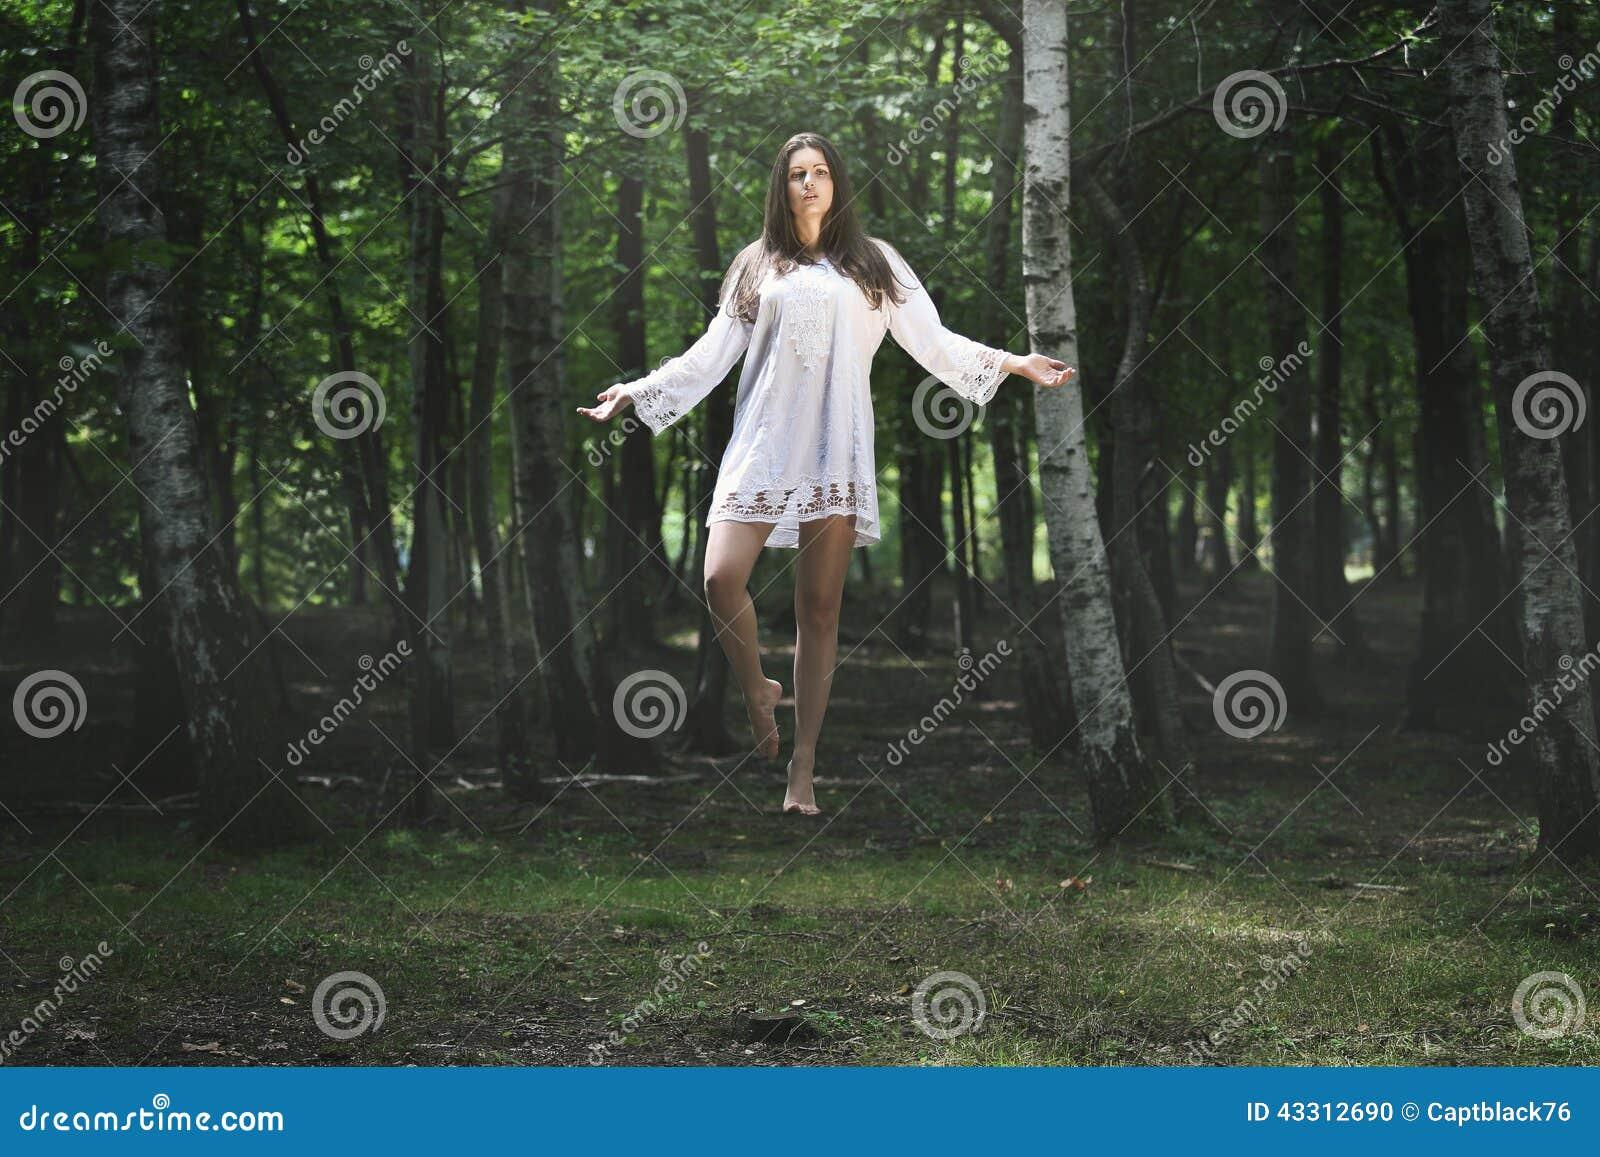 Beautiful Woman Levitation Stock Photo. Image Of Girl ...